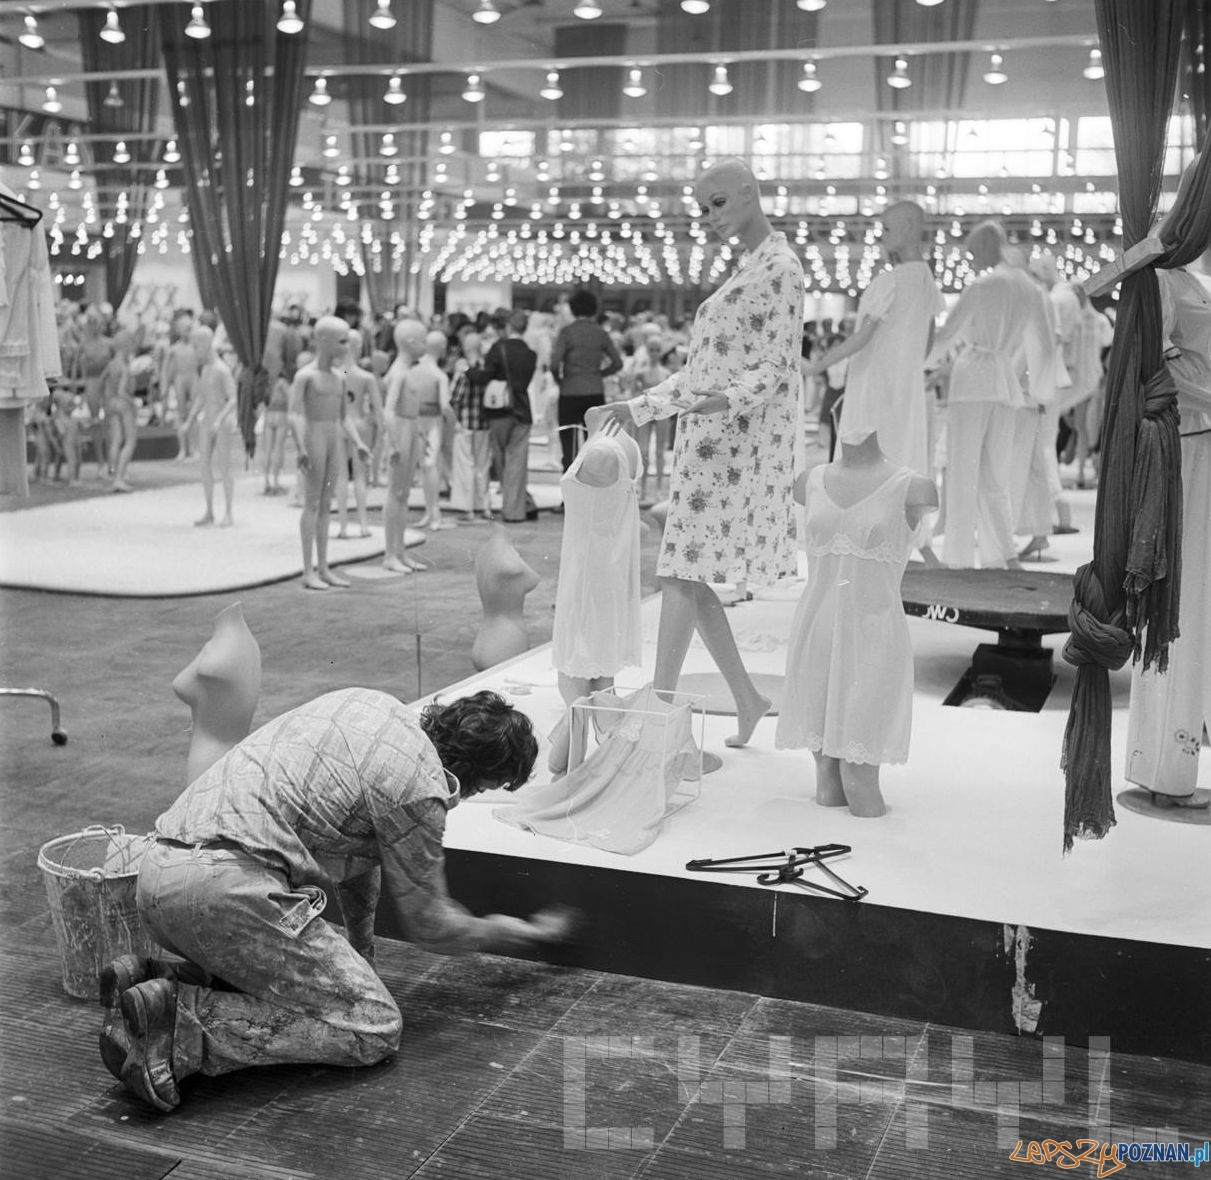 Międzynarodowe Targi Artykułów Konsumpcyjnych TAKON 74 - przygotowania do wystawy 18.9.1974  Foto: Stanisław Wiktor / Cyryl